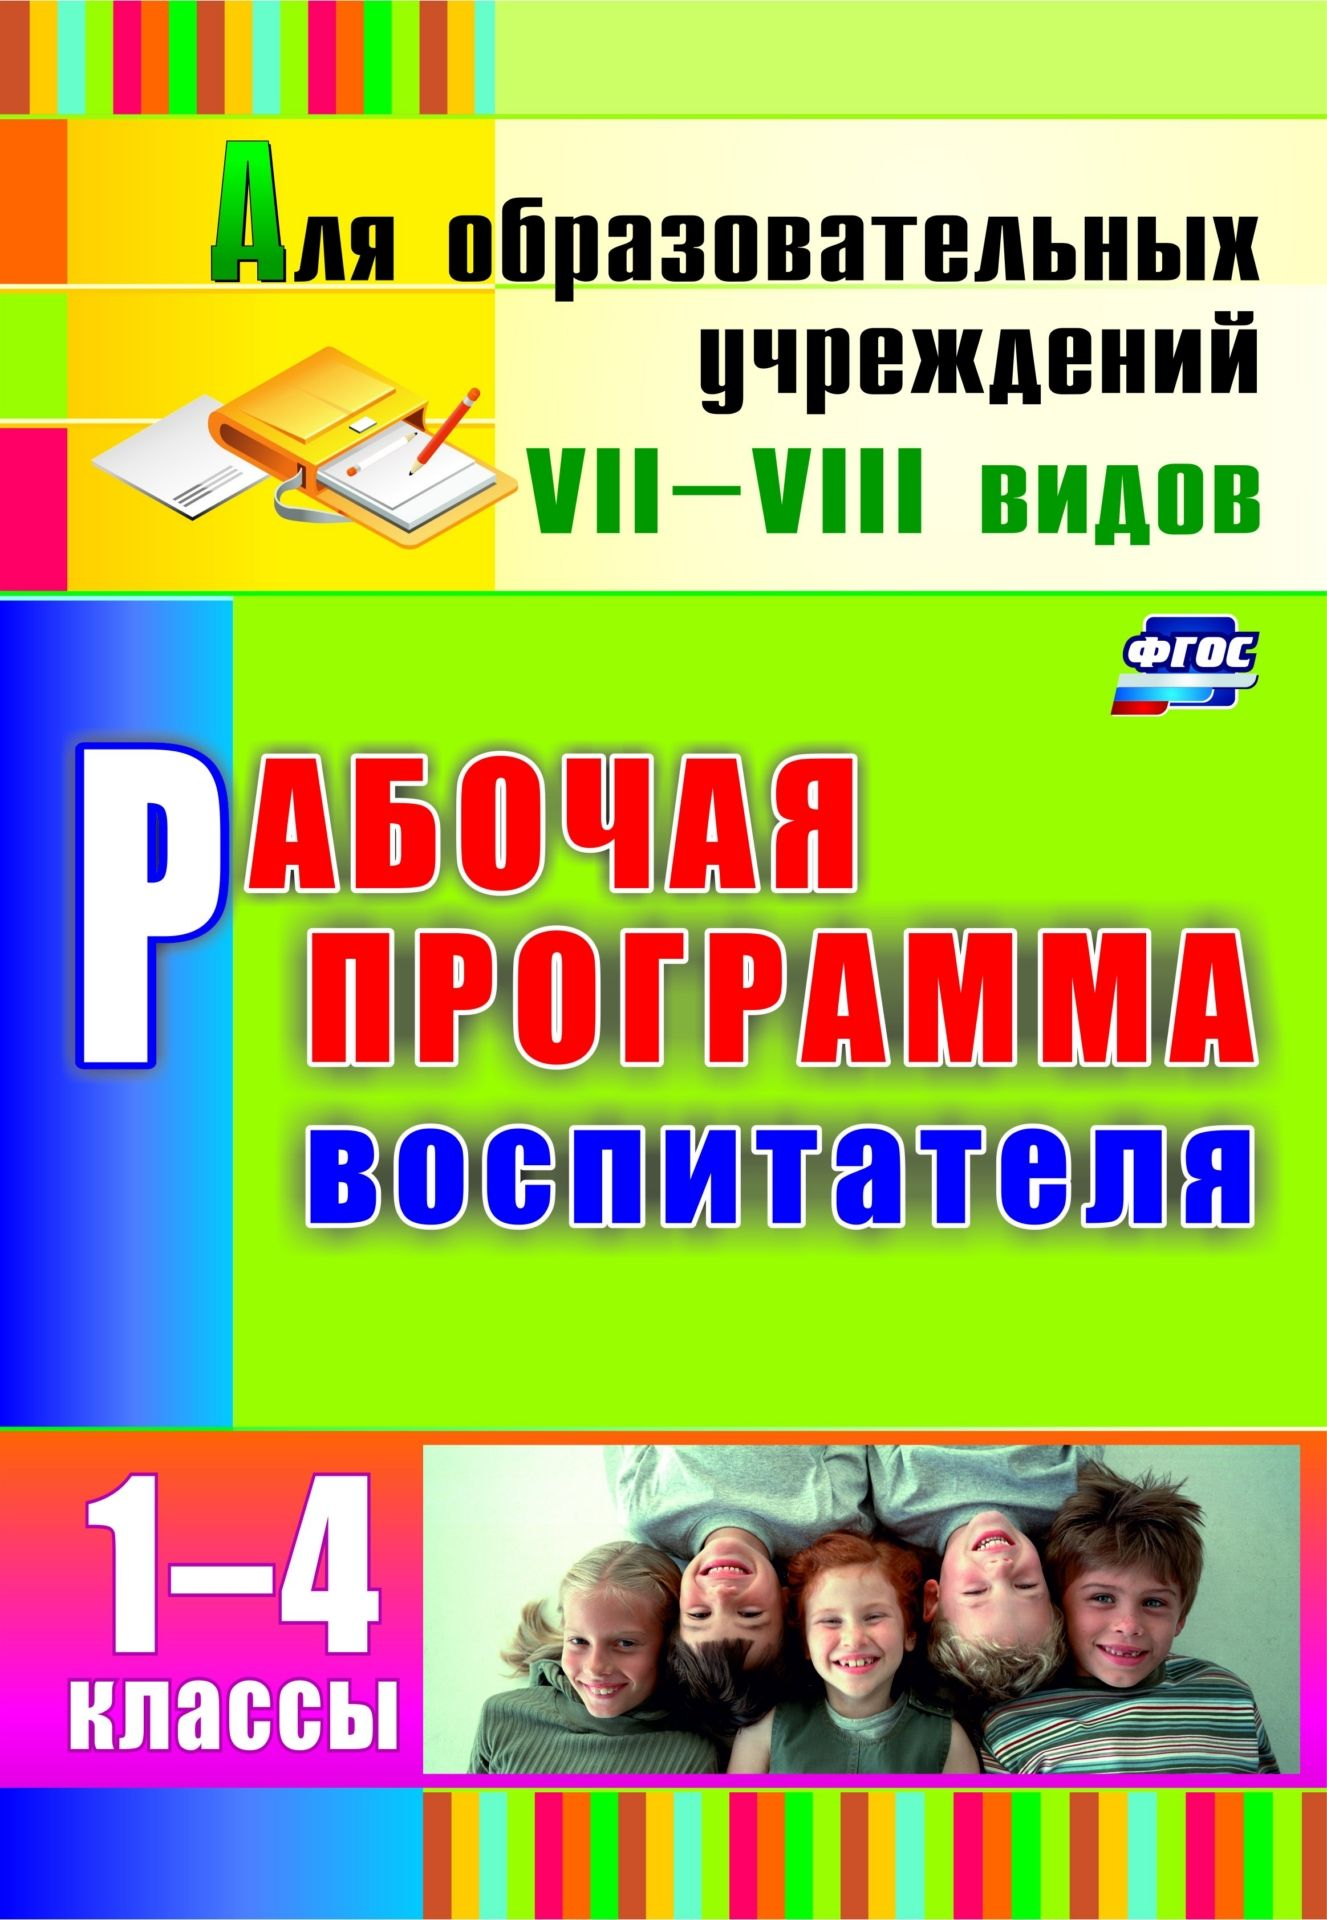 Рабочая программа воспитателя. 1-4 классы